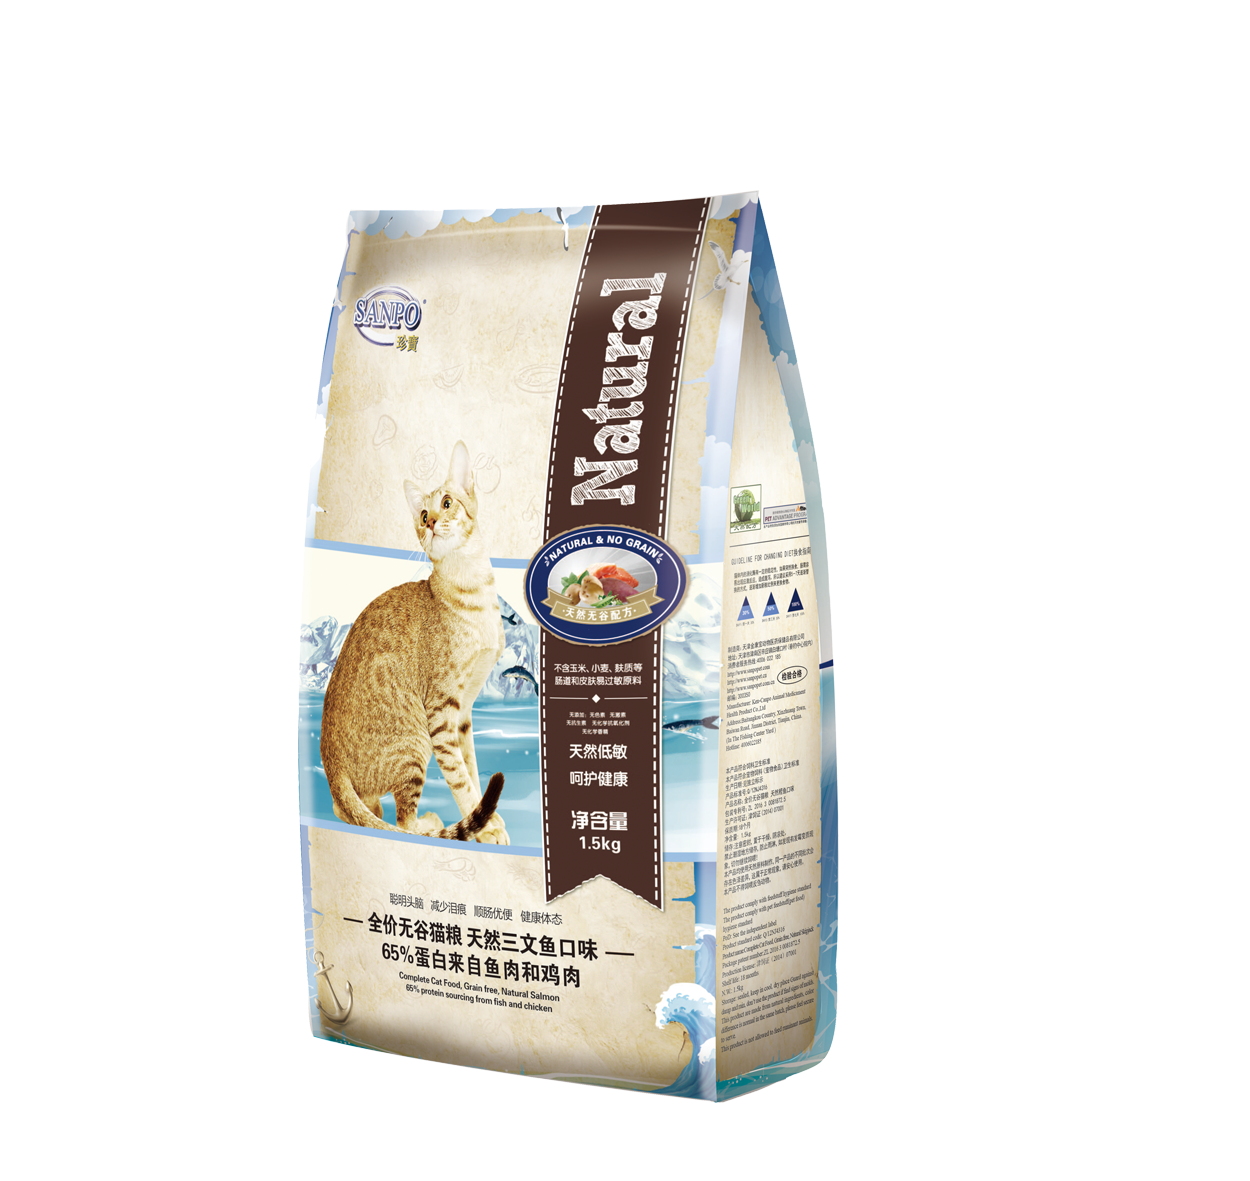 珍宝全价无谷全阶段猫粮 天然无谷猫粮1.5kg 天然三文鱼口味